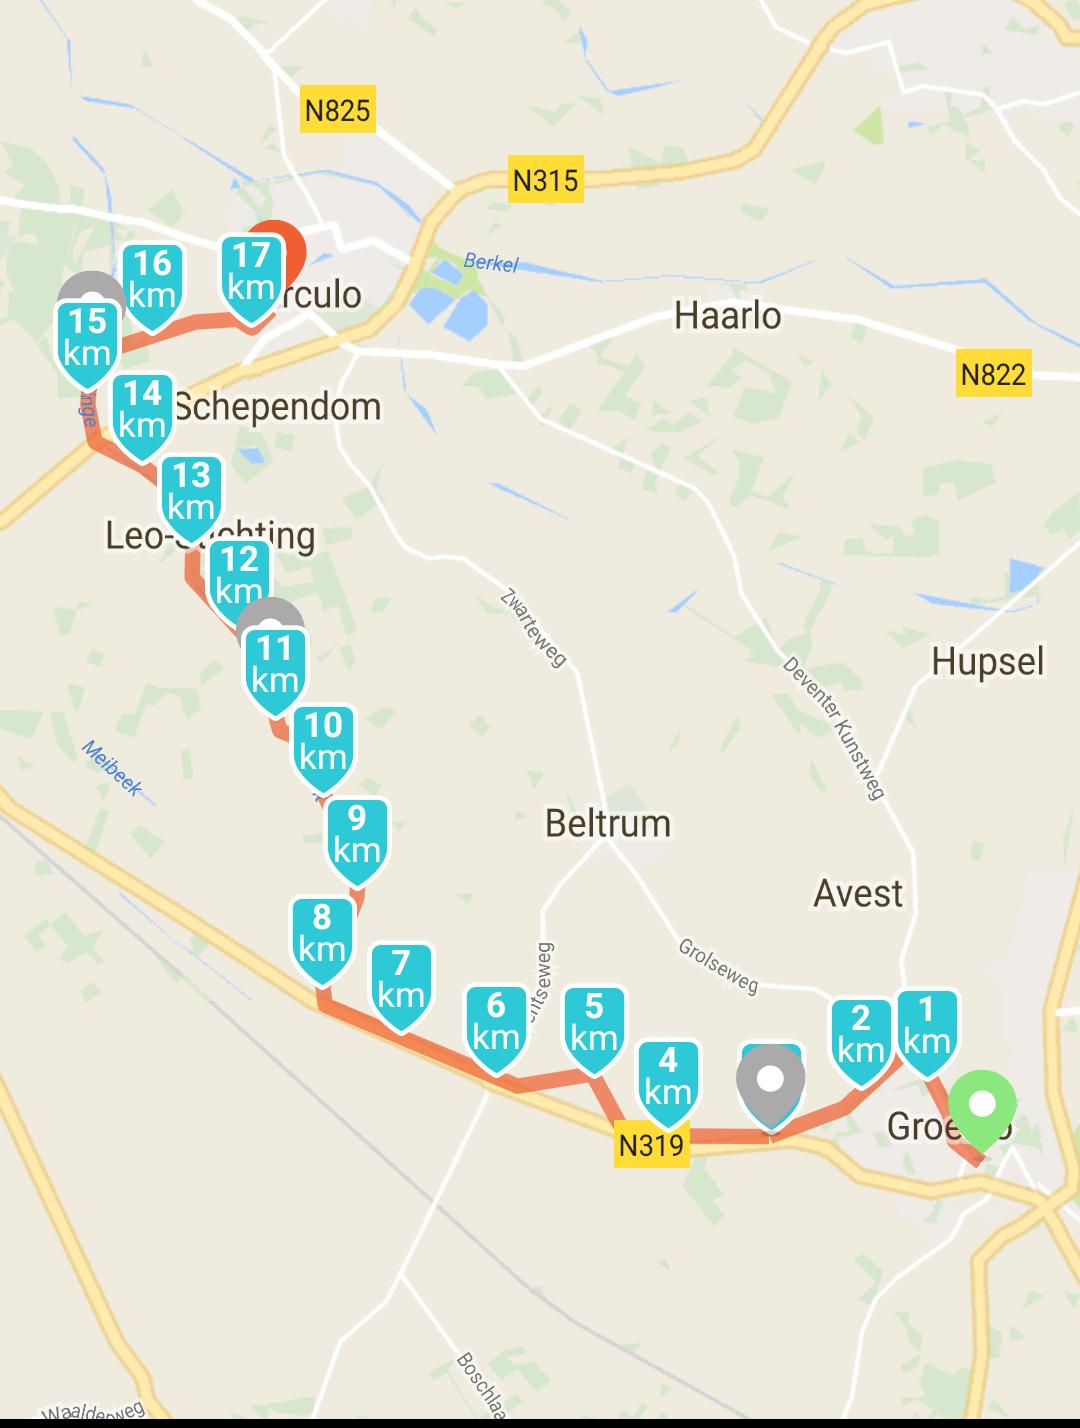 Het waren 20 kilometers